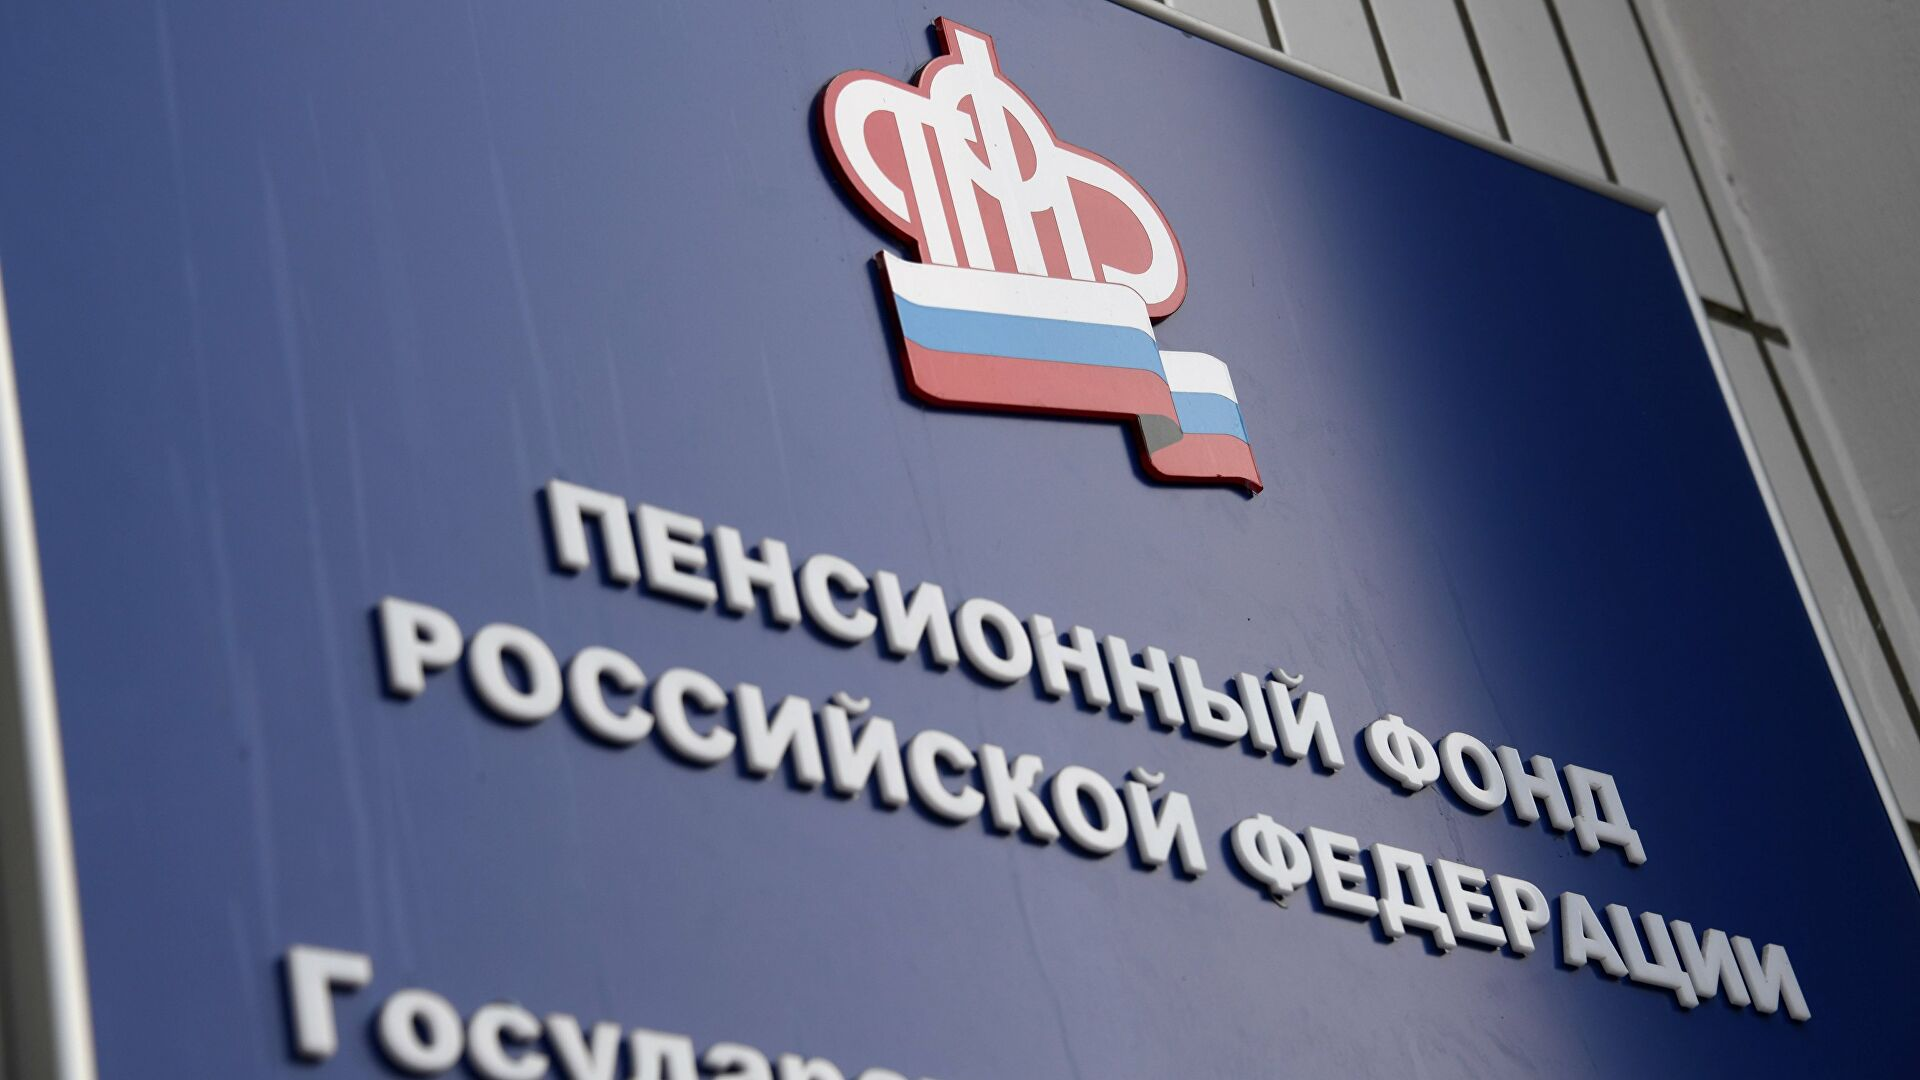 1. osnmedia.ru